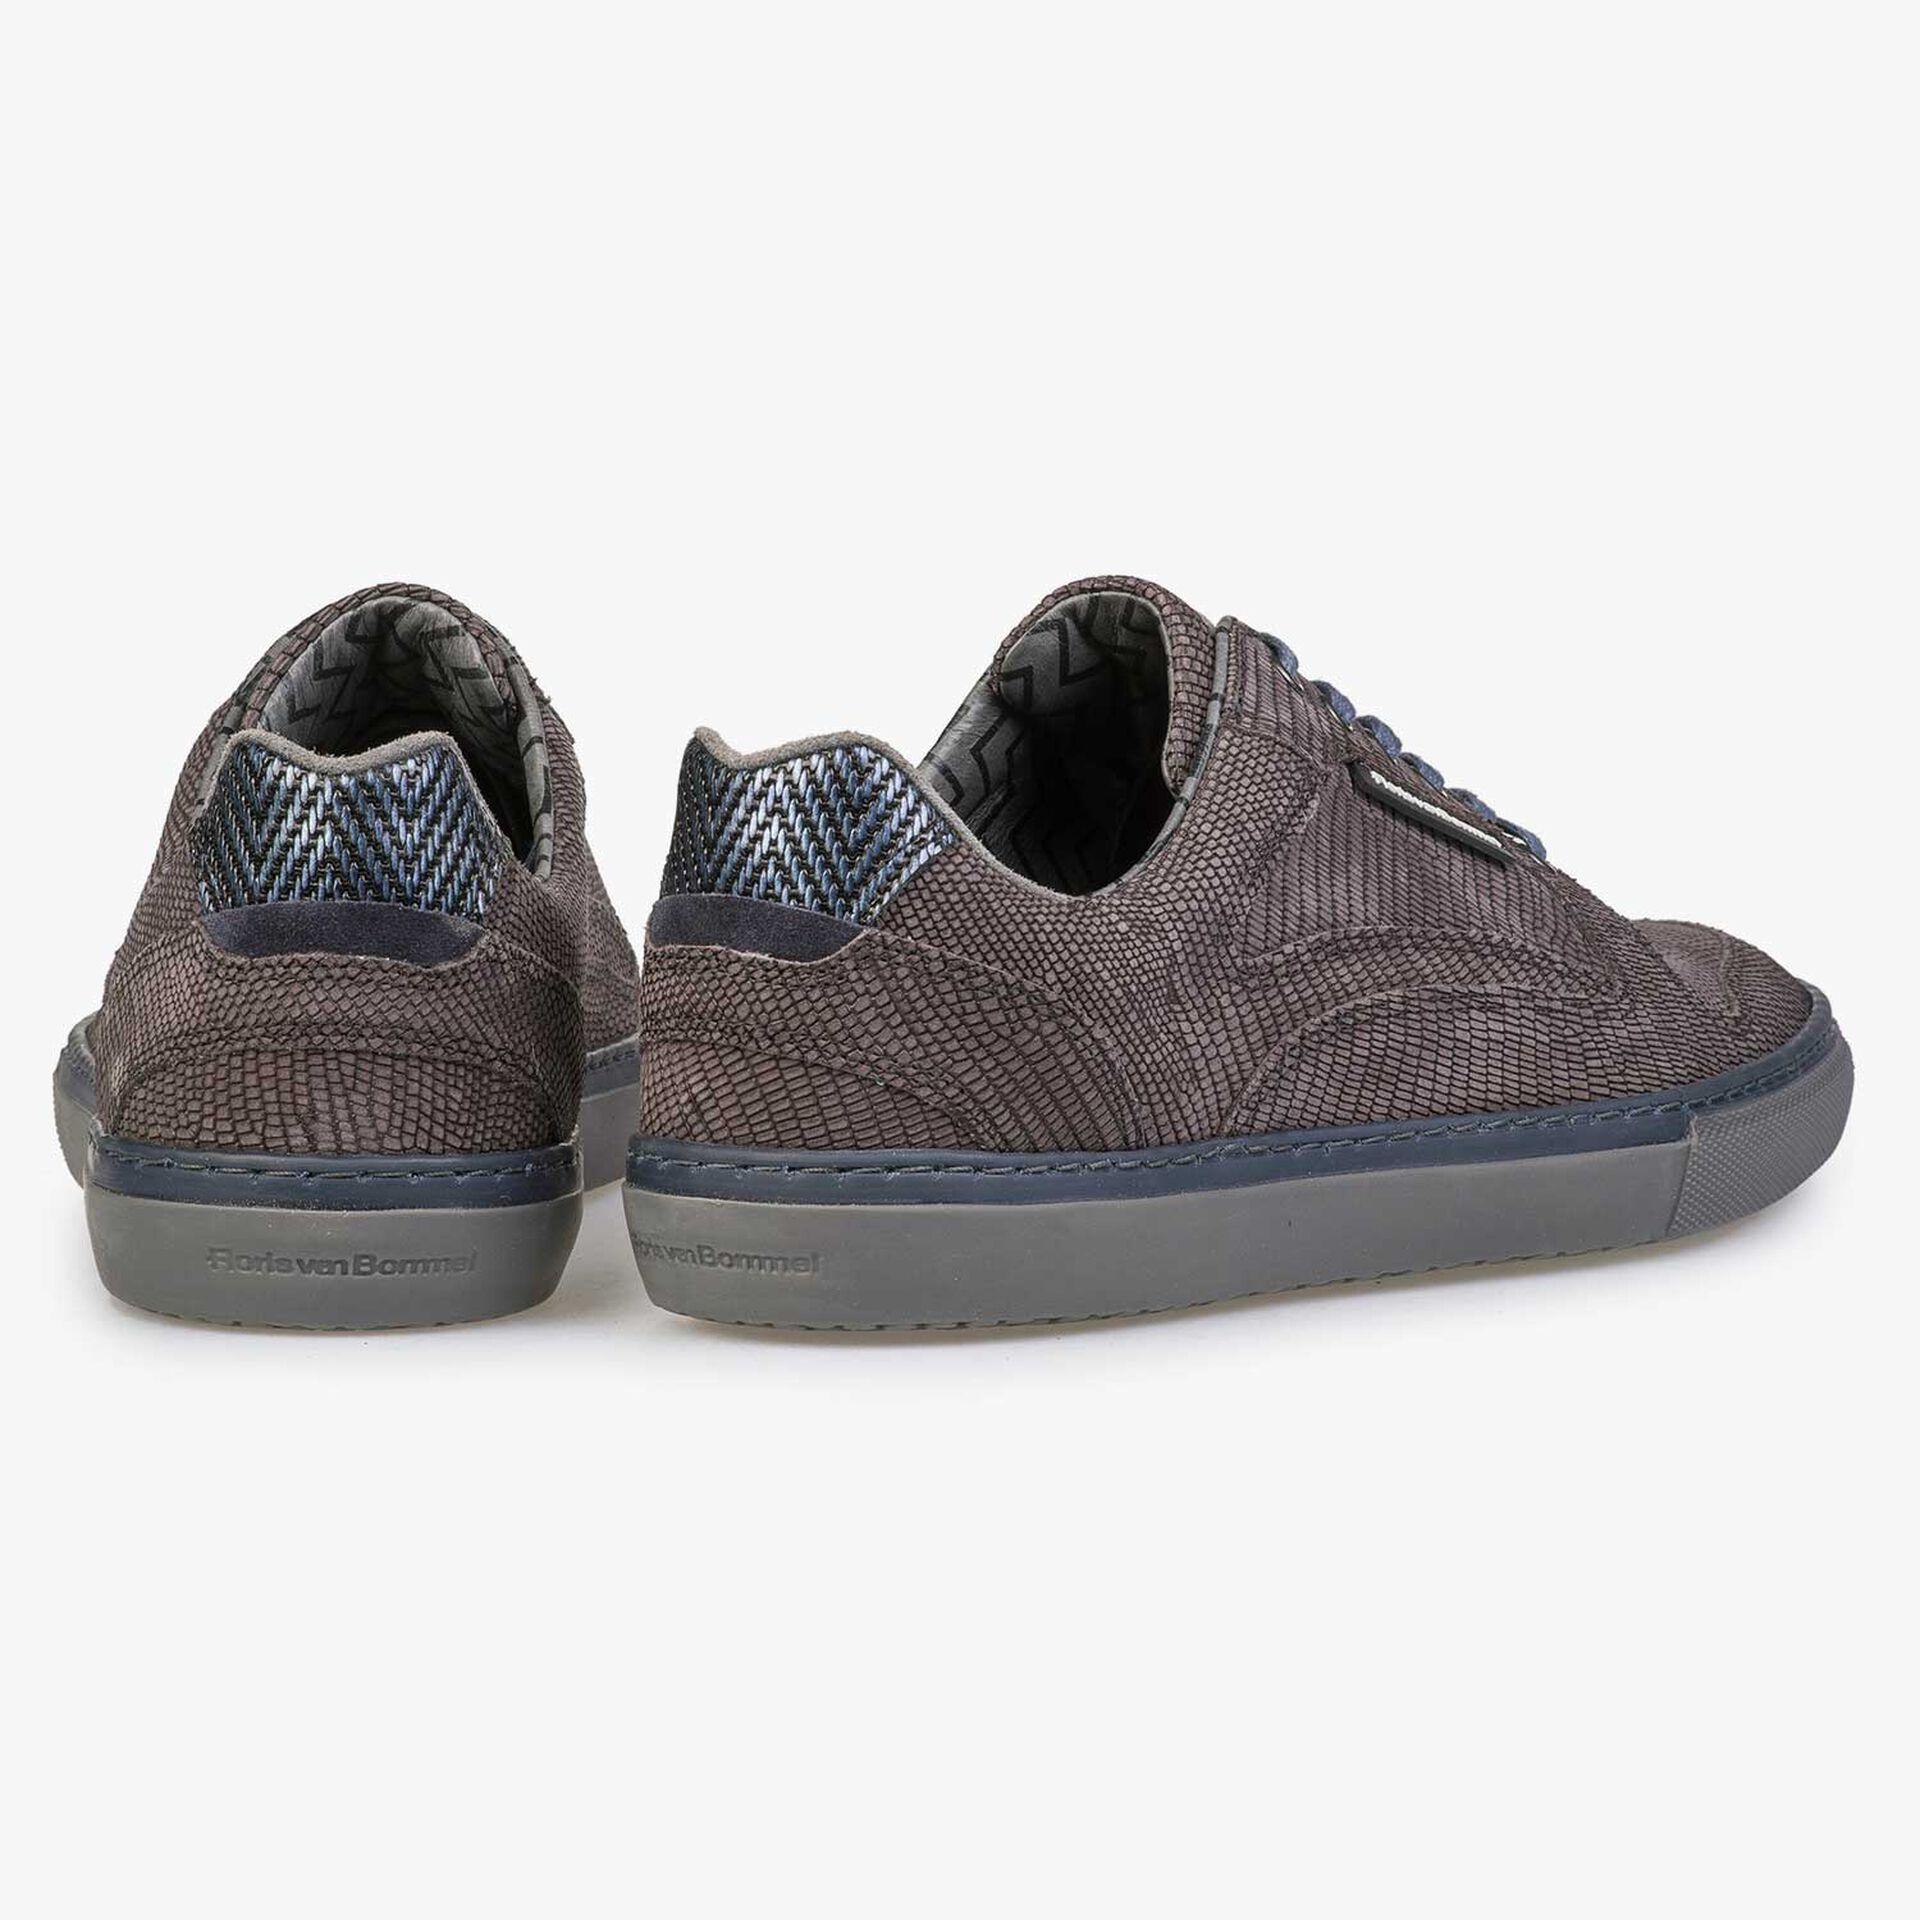 Grey-brown nubuck leather sneaker